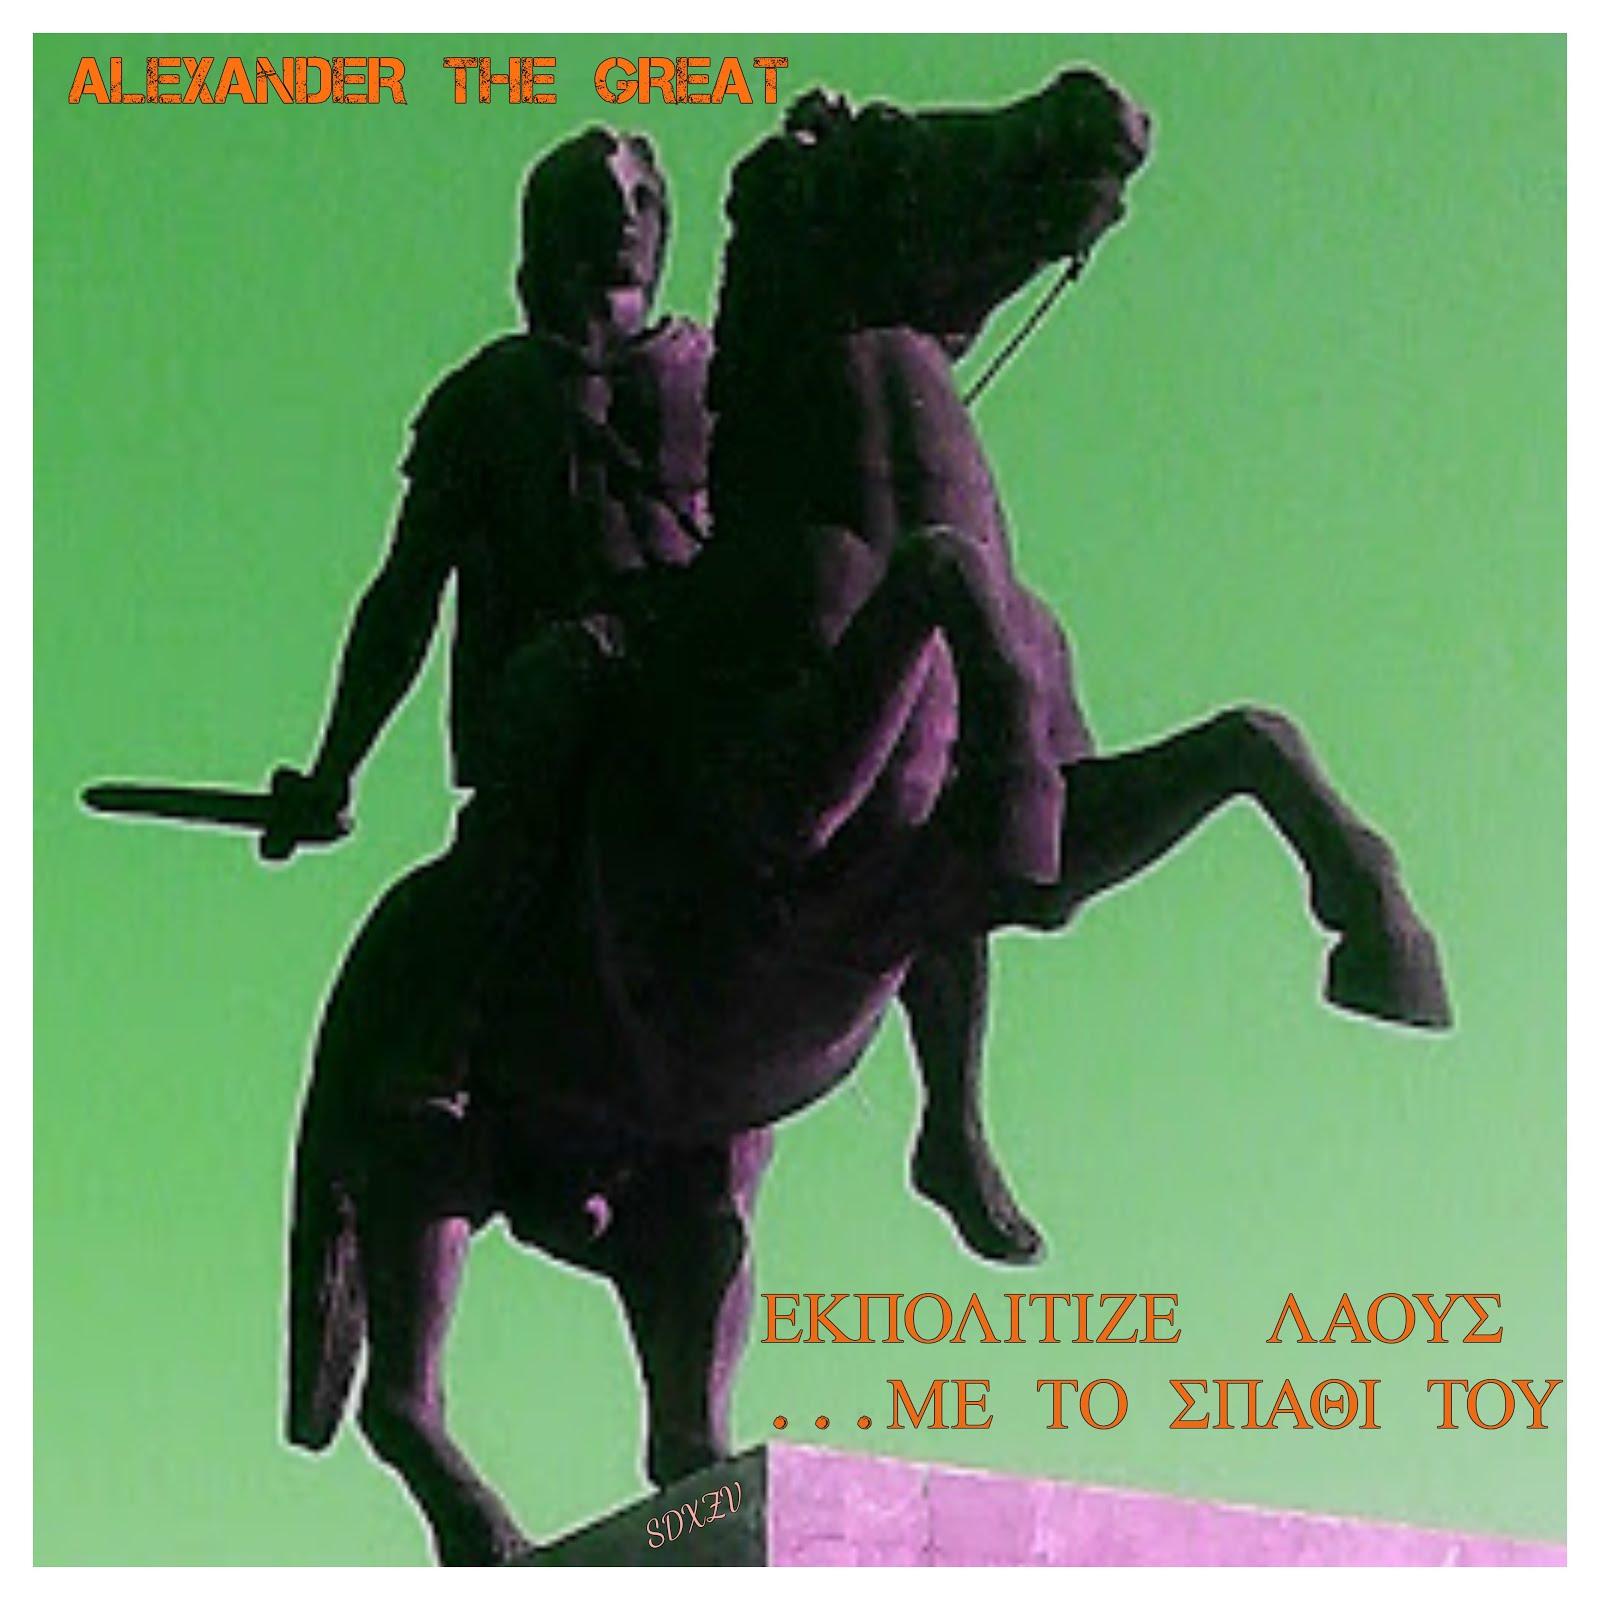 Αλέξανδρος:εκπολιτιστής λαών με το σπαθί του !